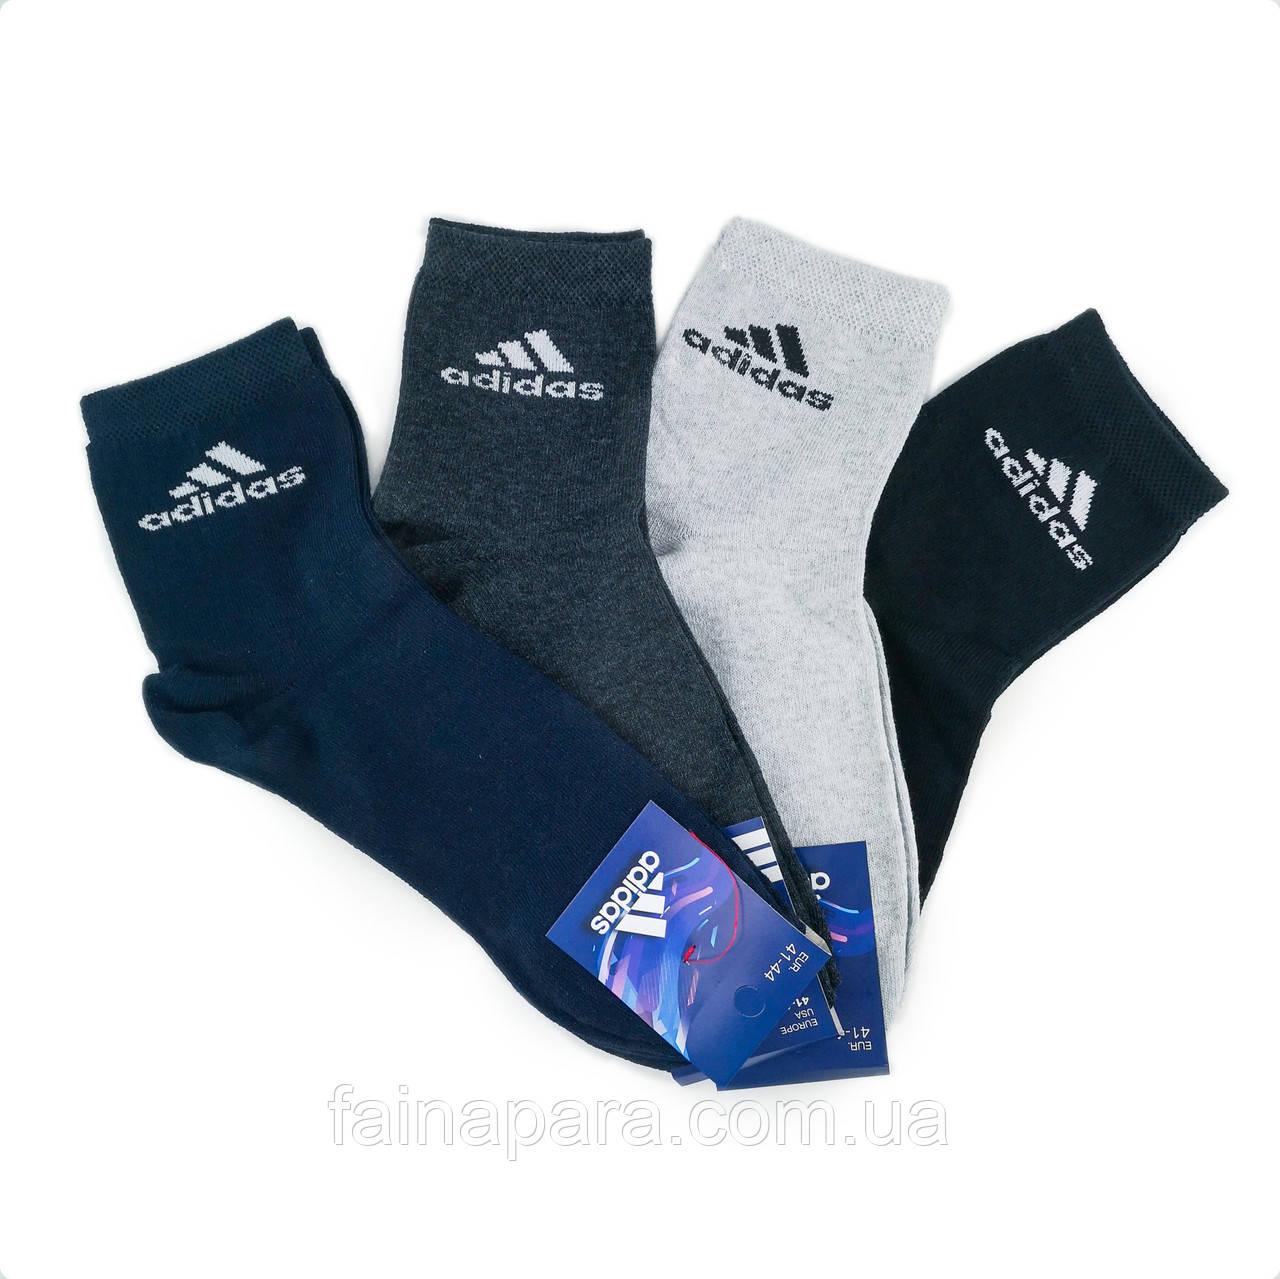 Чоловічі спортивні середні бавовняні шкарпетки Adidas